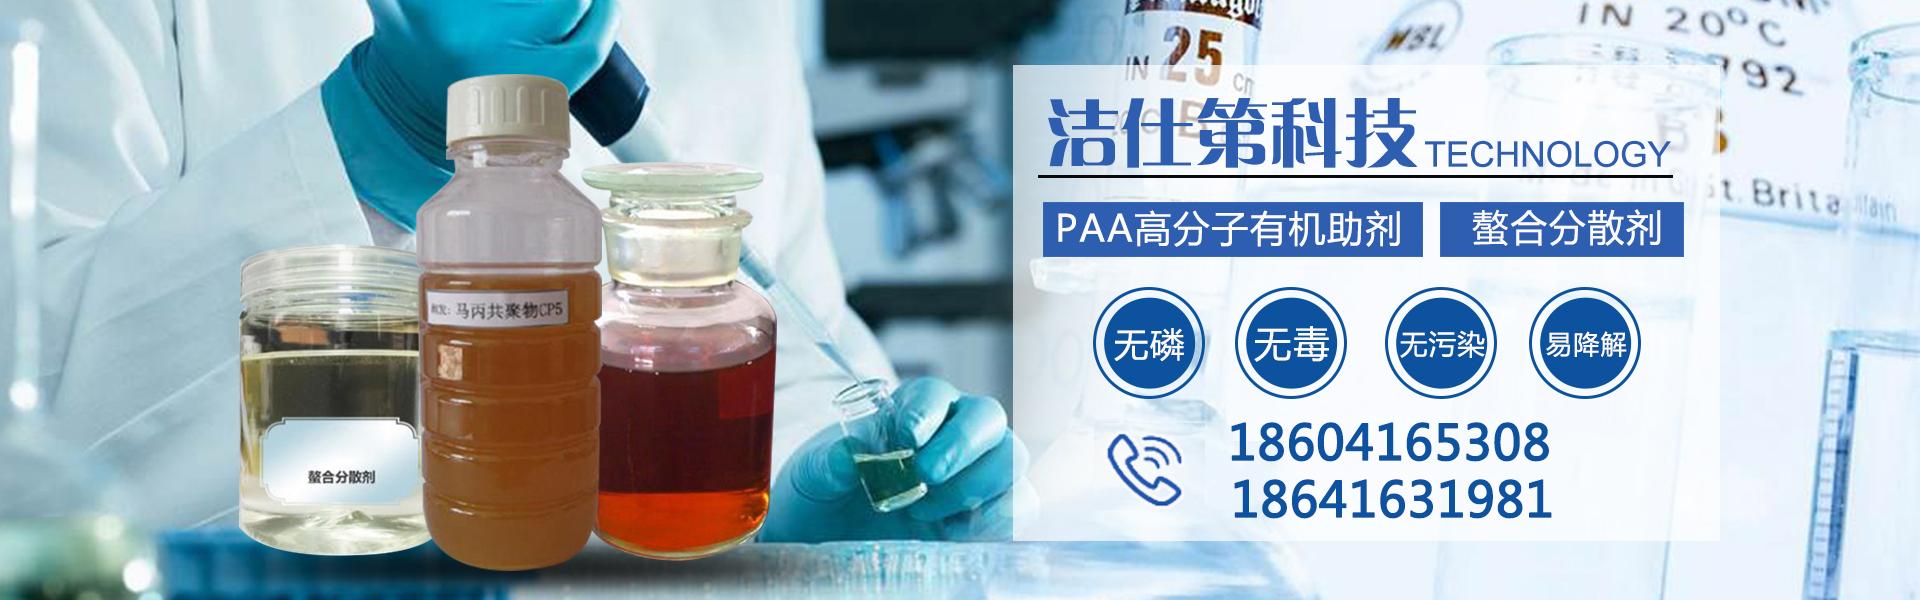 分散剂多少钱,螯合分散剂价格,聚丙烯酸钠厂家,丙烯酸哪家好